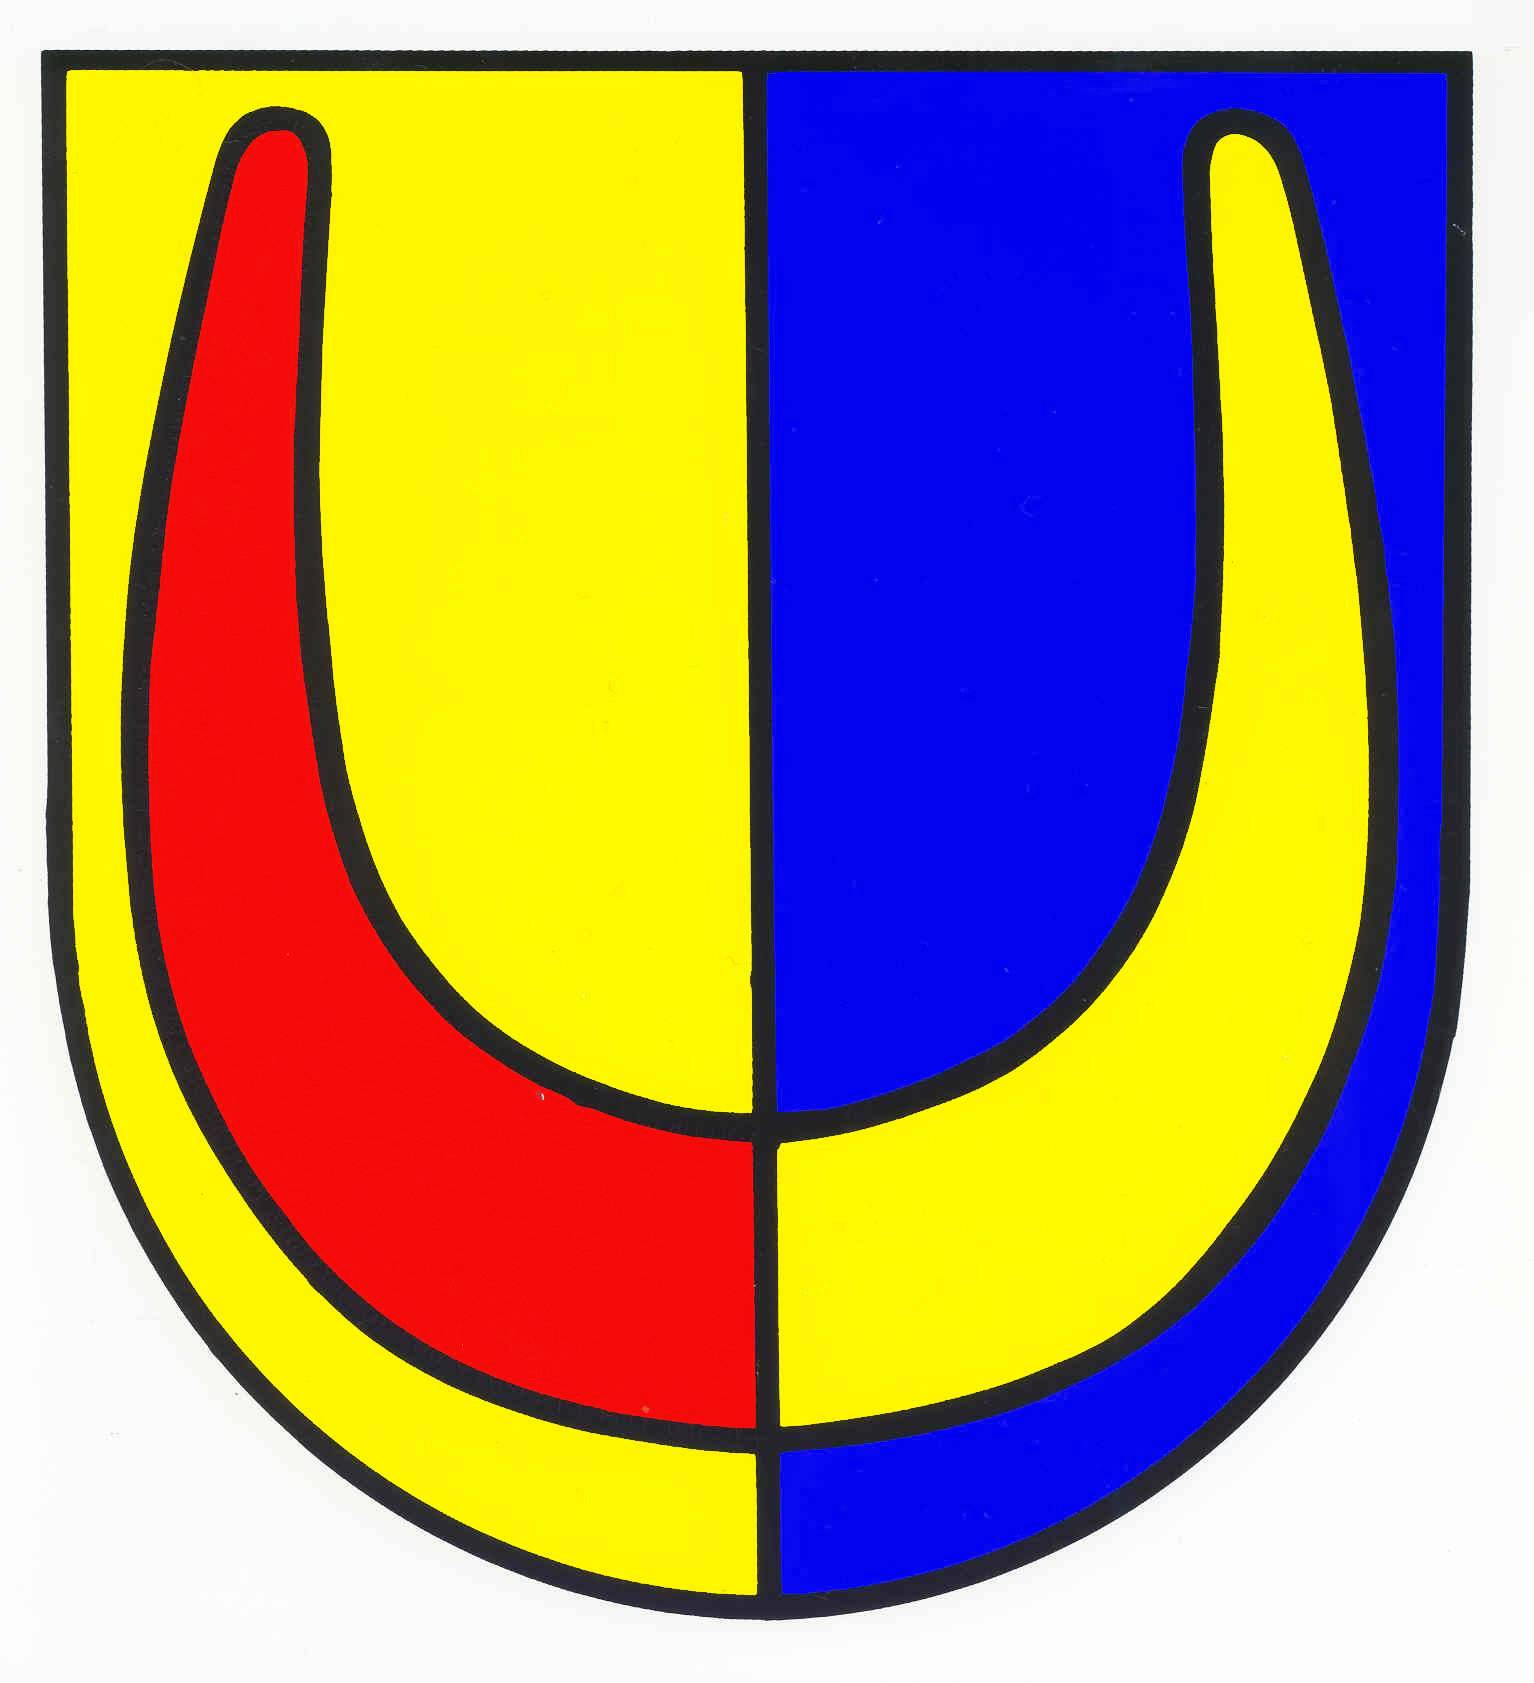 Wappen GemeindeLangenhorn, Kreis Nordfriesland